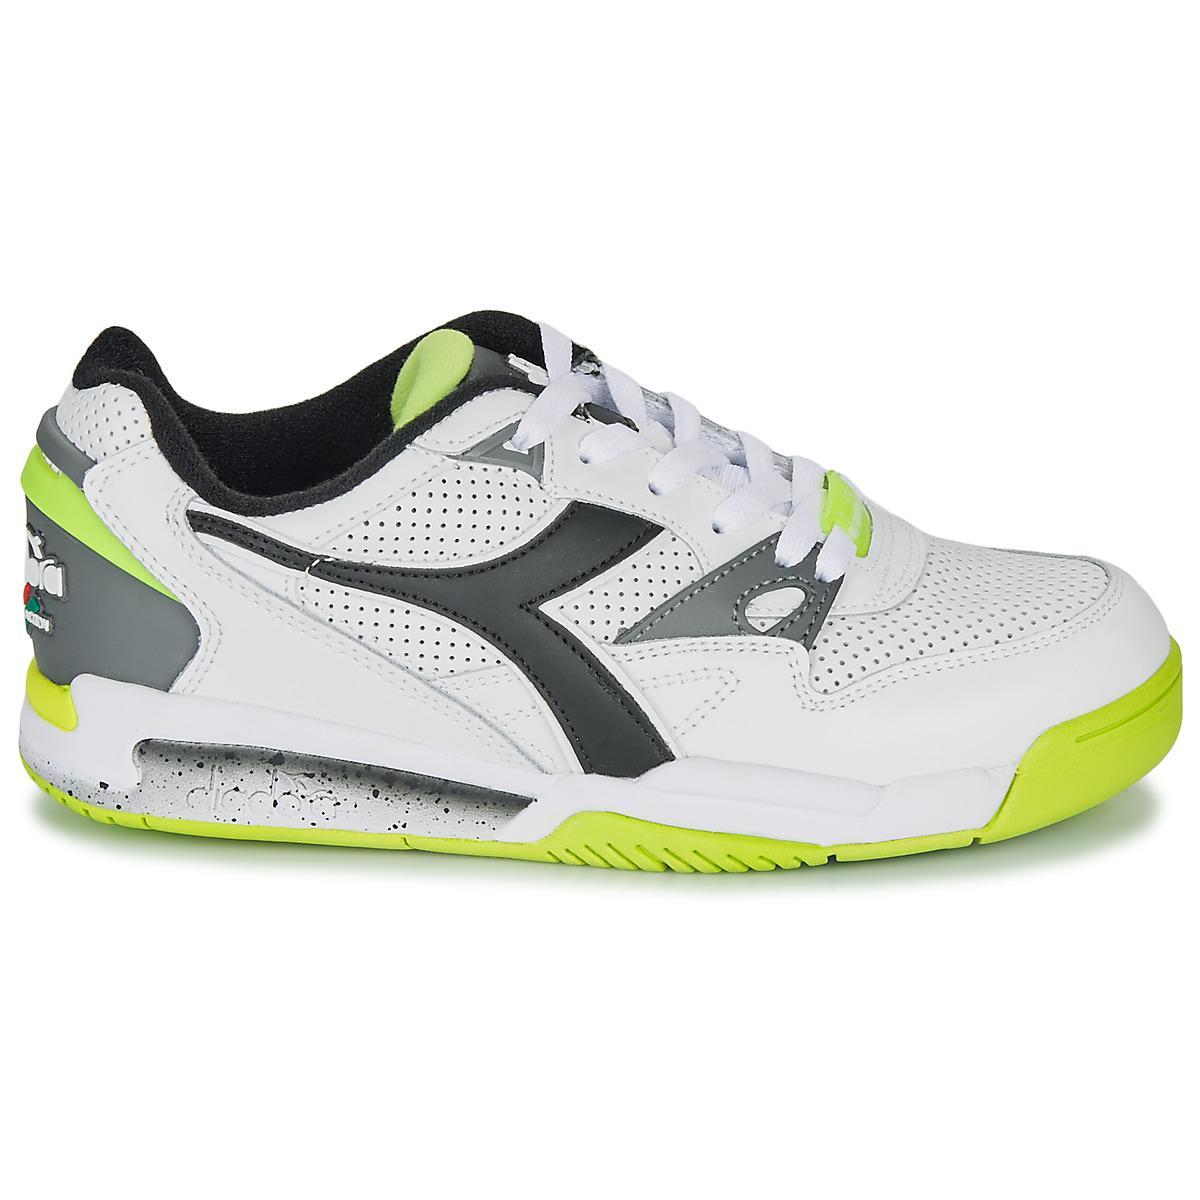 Diadora Leer Lage Sneakers Rebound Ace in het Wit voor heren